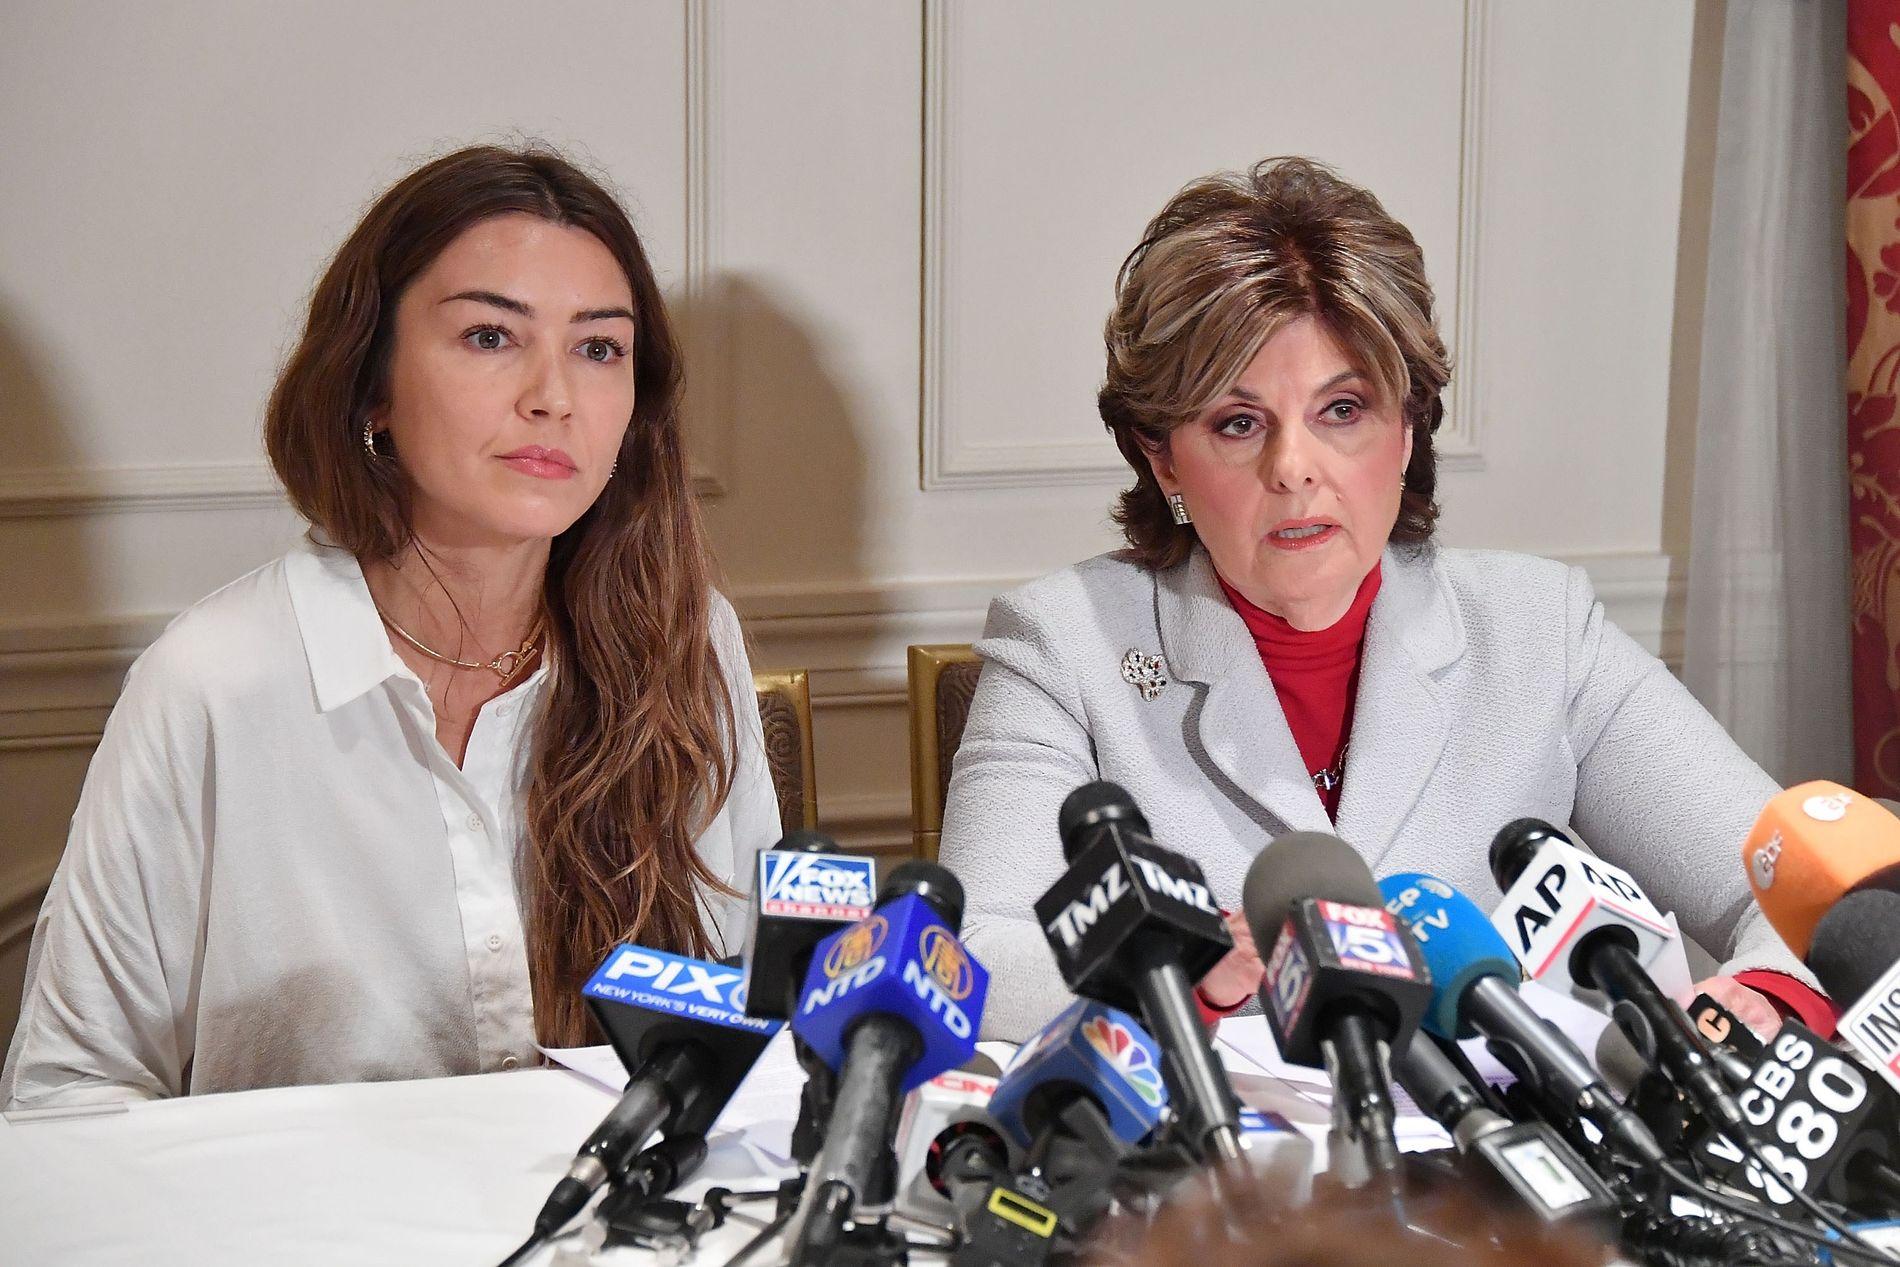 NYE ANKLAGELSER: Mimi Haleyi under en pressekonferanse tirsdag sammen med sin advokat Gloria Allred. Haleyi hevder Weinstein forgrep seg på henne i 2006.